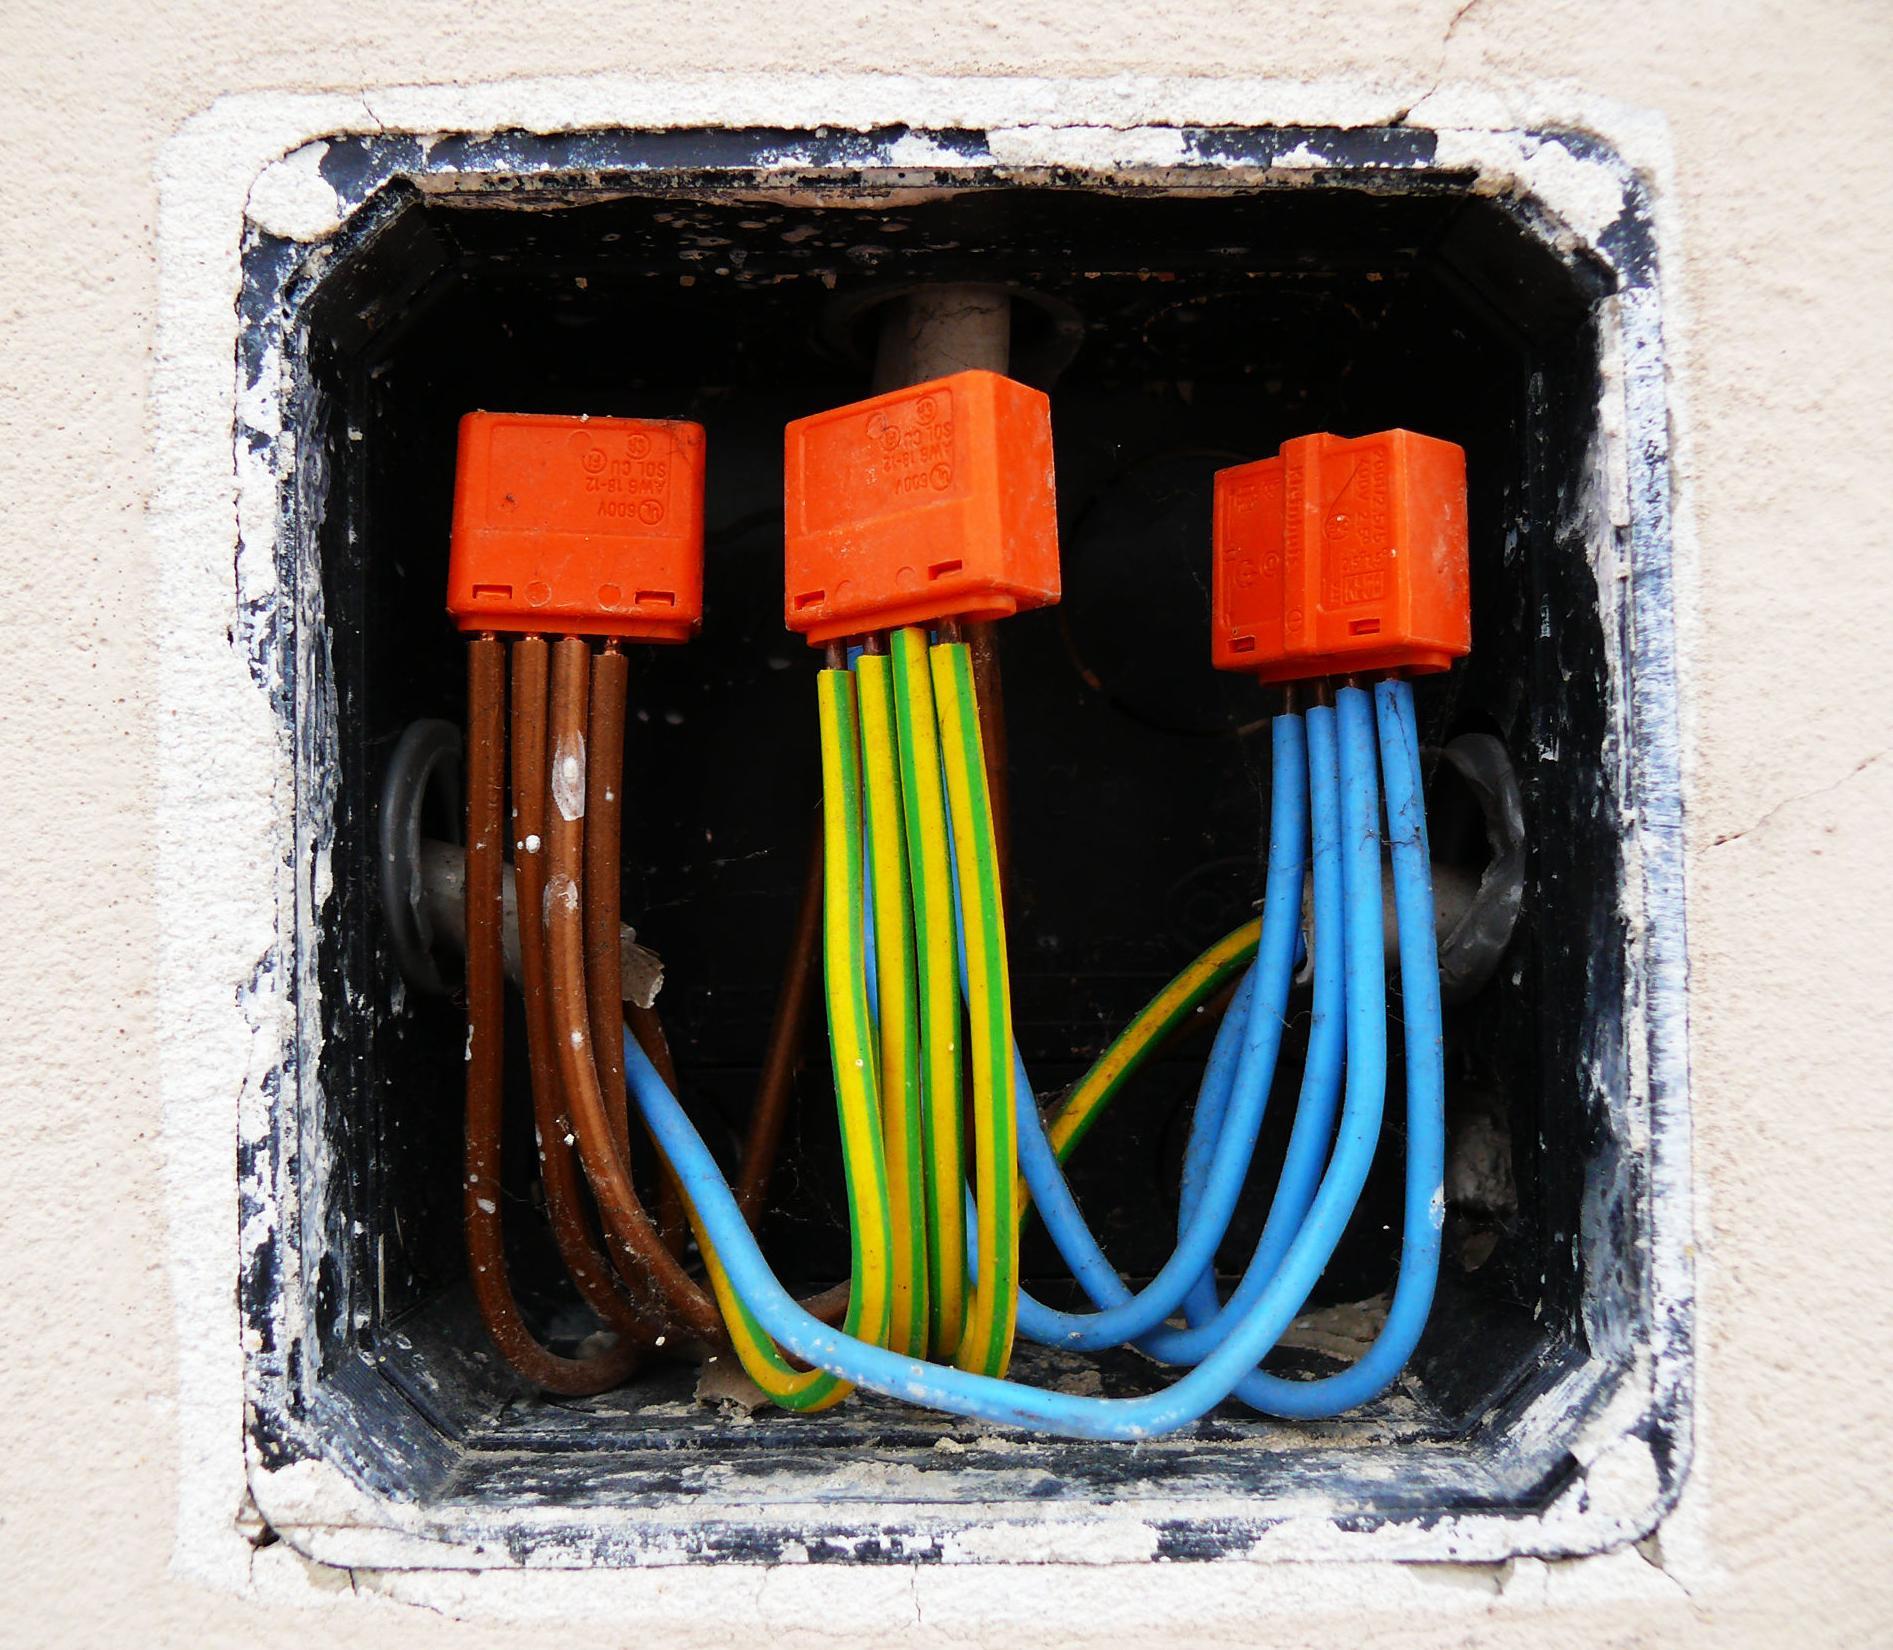 Instalaciones y avería eléctricas